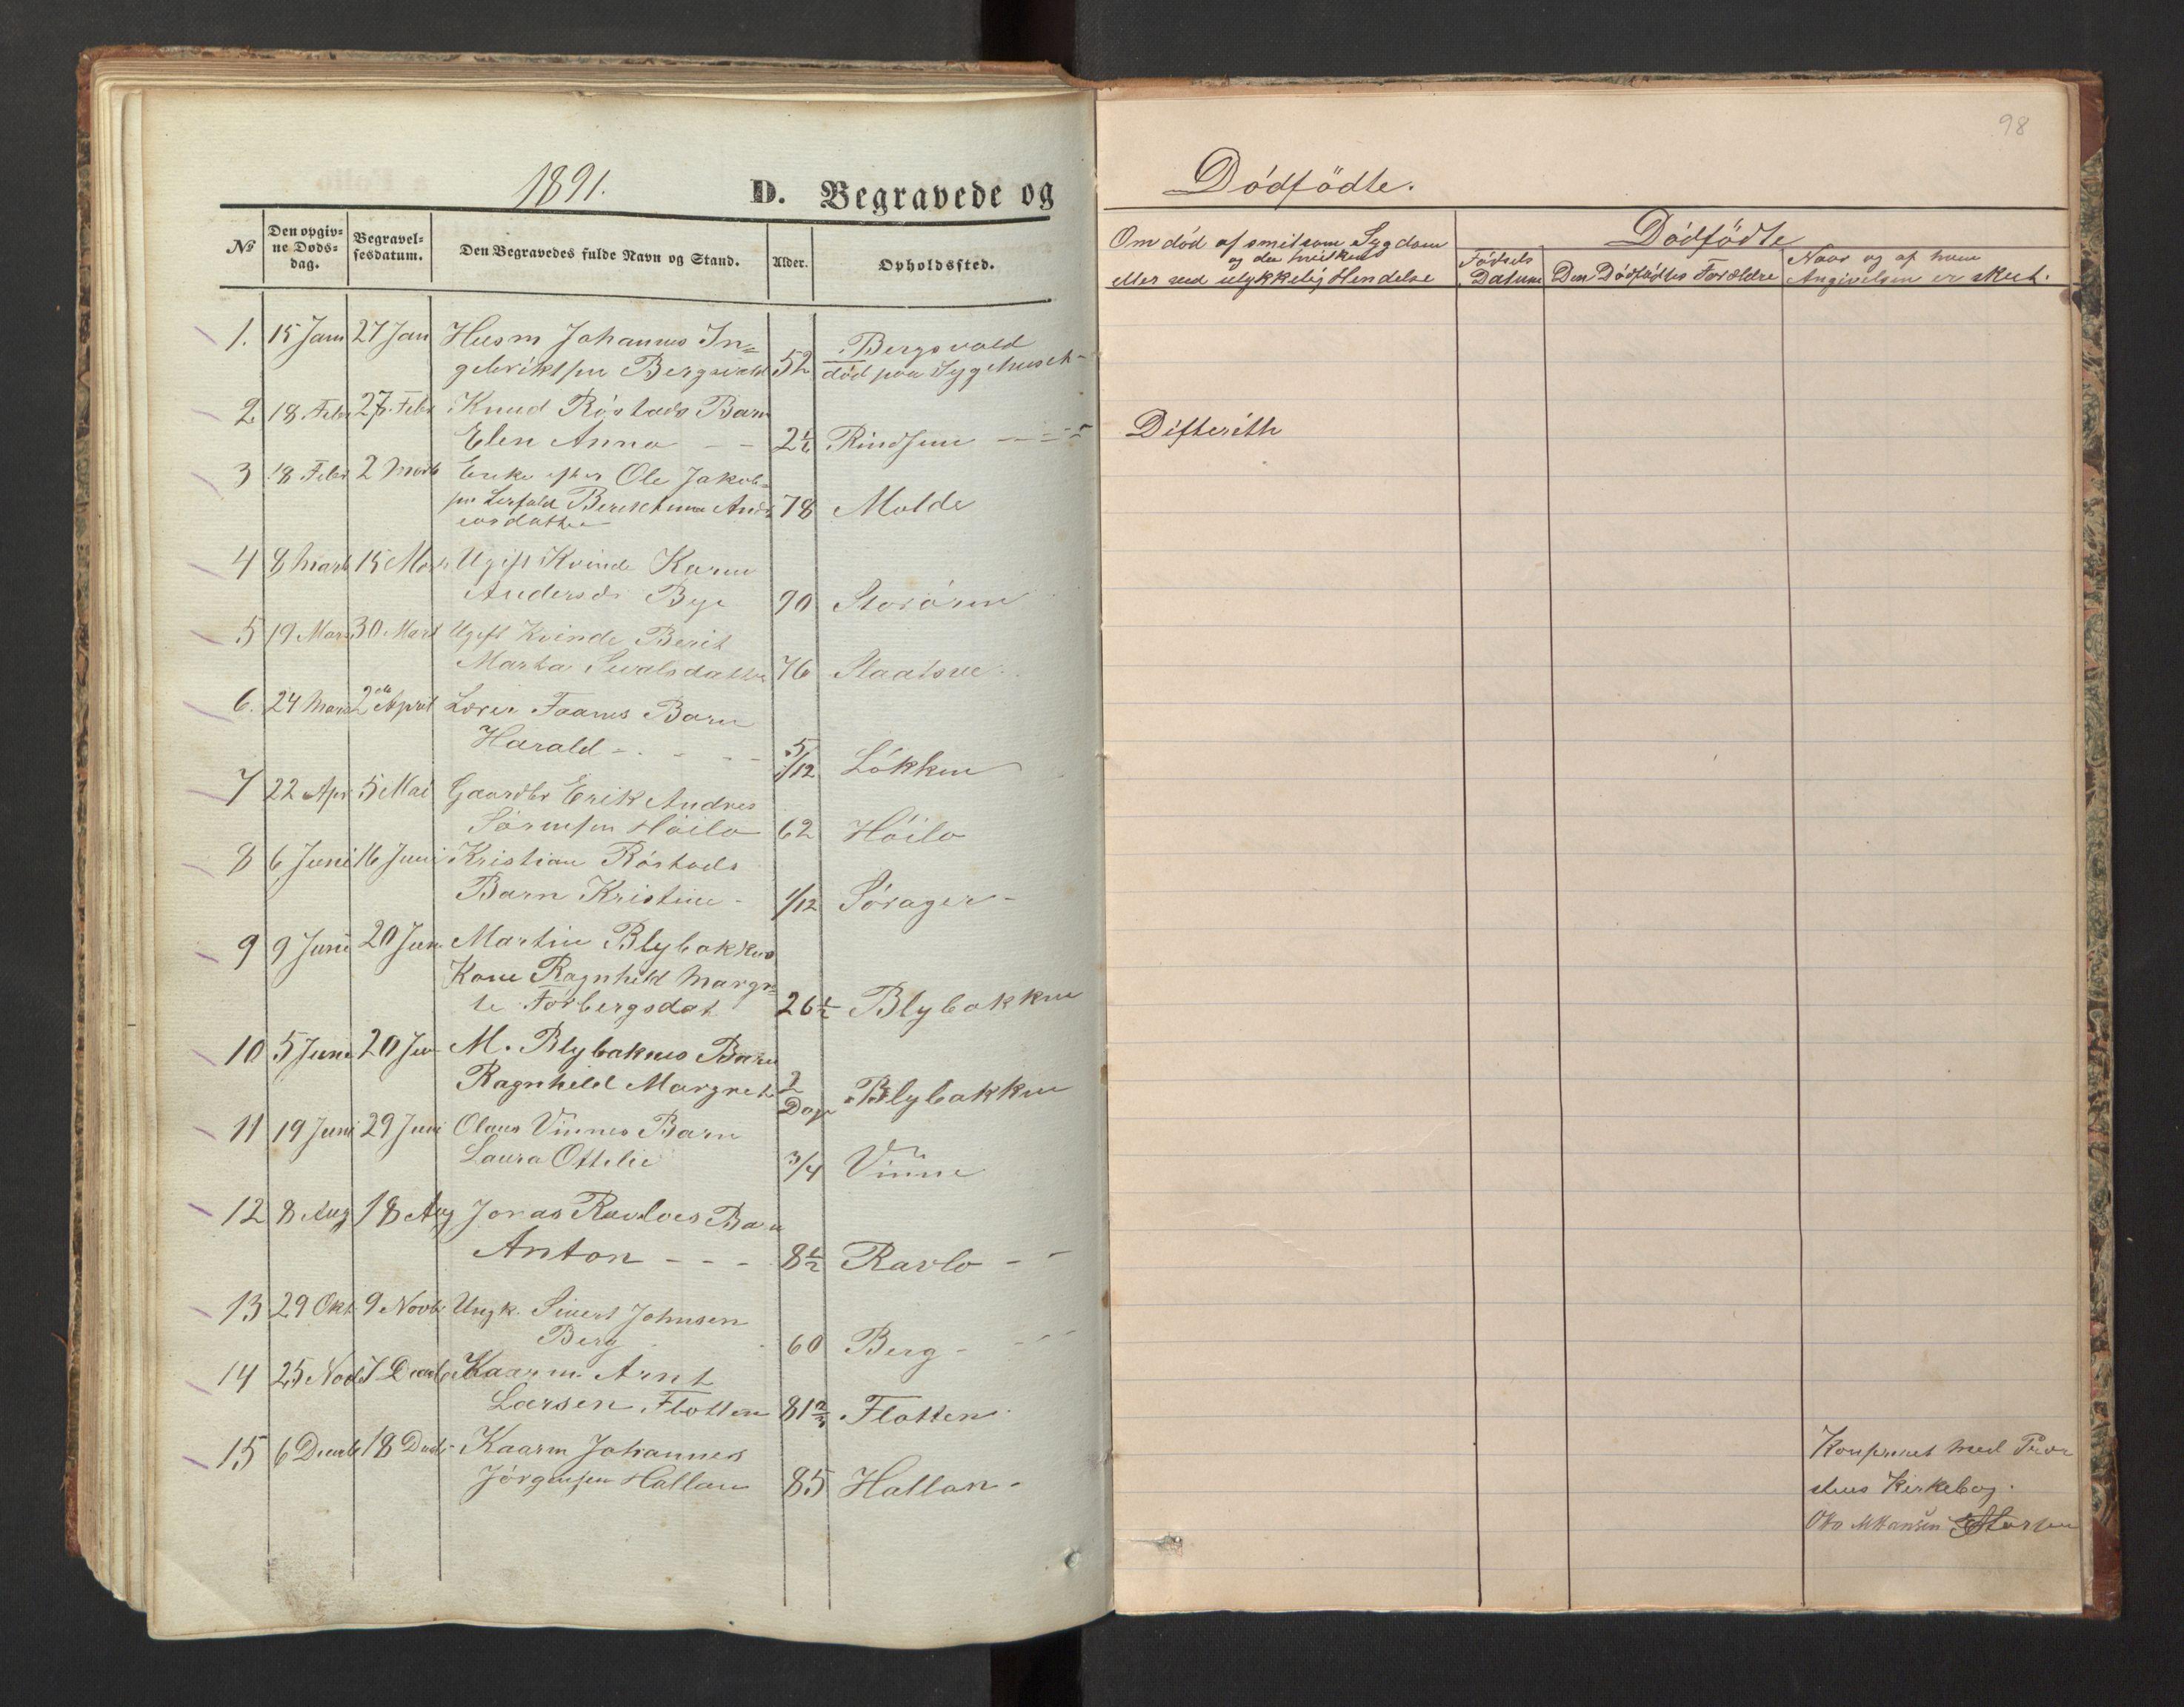 SAT, Ministerialprotokoller, klokkerbøker og fødselsregistre - Nord-Trøndelag, 726/L0271: Klokkerbok nr. 726C02, 1869-1897, s. 98